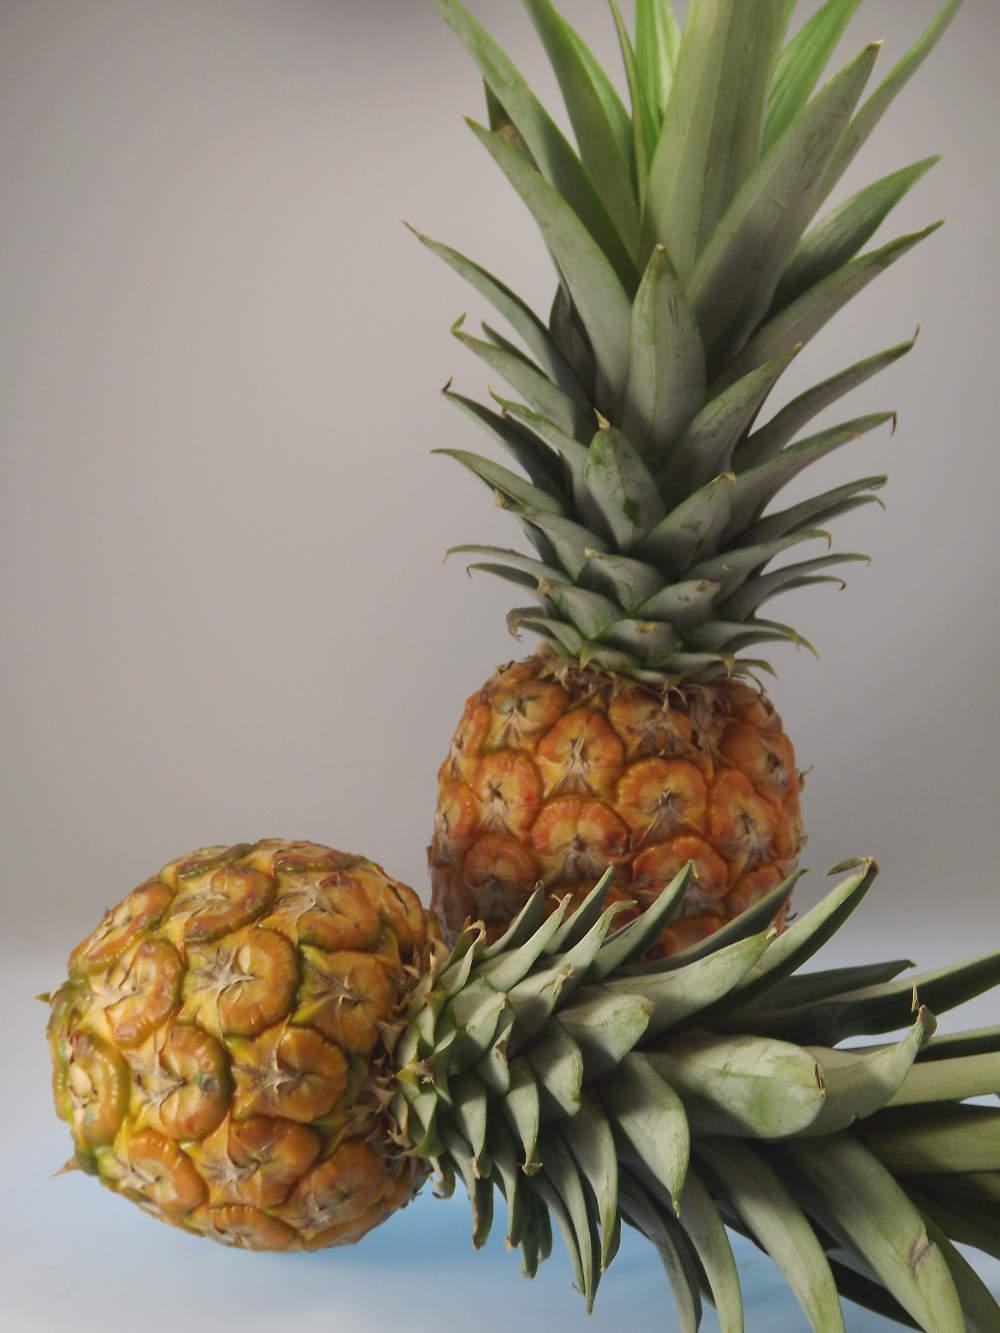 Früchte sind beliebte Duftnoten in Parfüm